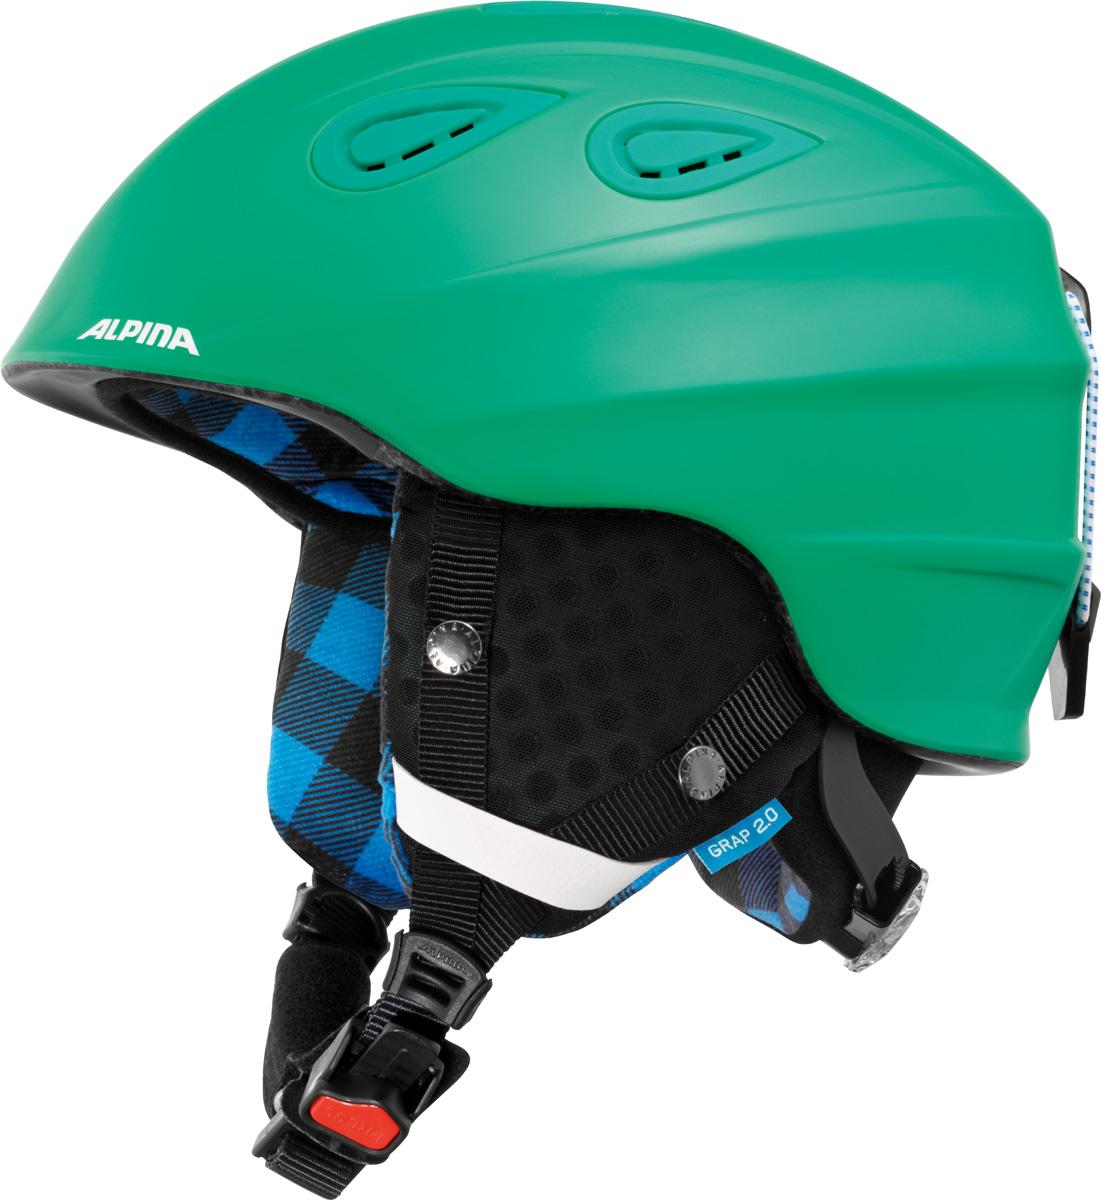 Шлем горнолыжный Alpina Grap 2.0, цвет: зеленый. A9085_72. Размер 54-57A9085_72Во всем мире популярность горнолыжного шлема Grap лишь набирает обороты. Alpina представляет обновленную версию самой продаваемой модели. Шлем Grap 2.0 сохранил отличительные особенности предыдущей модели и приобрел новые, за которые его выбирают райдеры по всему миру. Универсальность, легкость и прочность сделали его обязательным элементом экипировки любителей горнолыжного спорта. Модель также представлена в детской линейке шлемов. Технологии:Конструкция In-Mold - соединение внутреннего слоя из EPS (вспененного полистирола) с внешним покрытием под большим давлением в условиях высокой температуры. В результате внешняя поликарбонатная оболочка сохраняет форму конструкции, предотвращая поломку и попадание осколков внутрь шлема, а внутренний слой Hi-EPS, состоящий из множества наполненных воздухом гранул, амортизирует ударную волну, защищая голову райдера от повреждений.Внешнее покрытие Ceramic Shell обеспечивает повышенную ударопрочность и износостойкость, а также обладает защитой от УФ-излучений, препятствующей выгоранию на солнце, и антистатичными свойствами.Съемный внутренний тканевый слой. Подкладку можно постирать и легко вставить обратно. Своевременный уход за внутренником предотвращает появление неприятного запаха.Вентиляционная система с раздвижным механизмом с возможностью регулировки интенсивности потока воздуха.Классическая система регулировки в шлемах Alpina Run System с регулировочным кольцом на затылке позволяет быстро и легко подобрать оптимальную и комфортную плотность посадки на голове.Съемные ушки согревают в холодную погоду, а в теплую компактно хранятся в кармане куртки.Шейный воротник из микрофлиса в задней части шлема быстро согревает и не давит на шею.Ремешок фиксируется кнопкой с запирающим механизмом. Застежка максимально удобна для использования в перчатках.Система Edge Protect в конструкции шлема защищает голову горнолыжника при боковом ударе.Система Y-Clip гарант